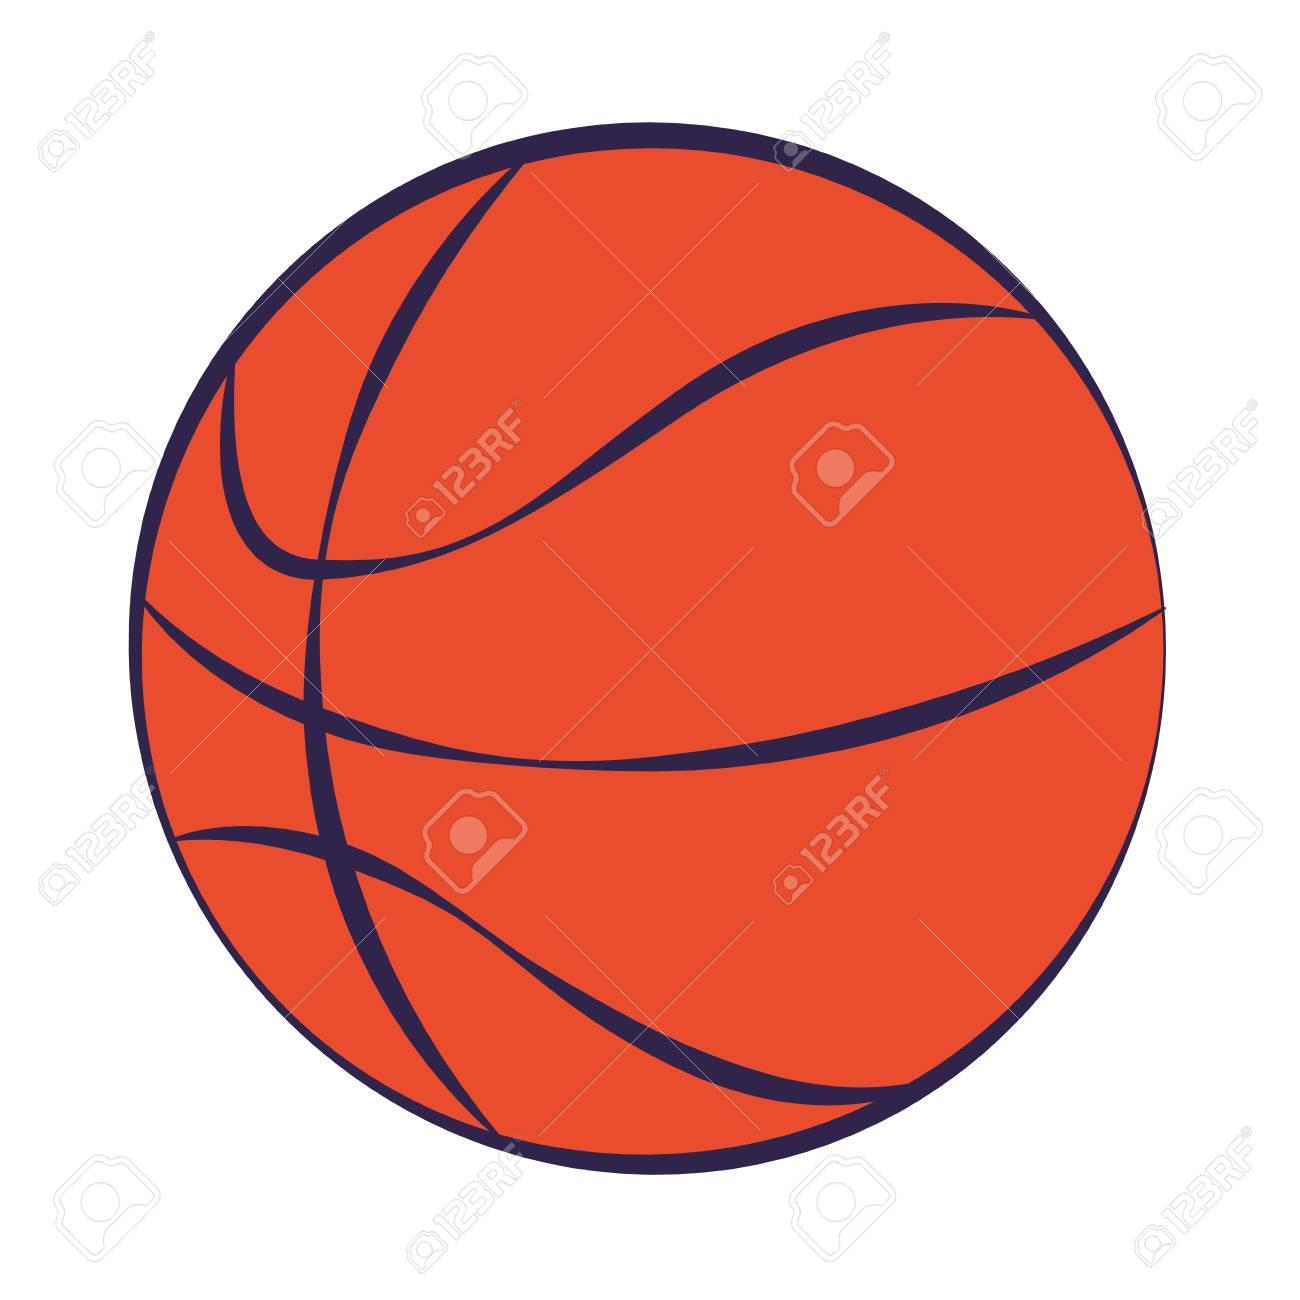 basketball ball sport on white background vector illustration - 126464187